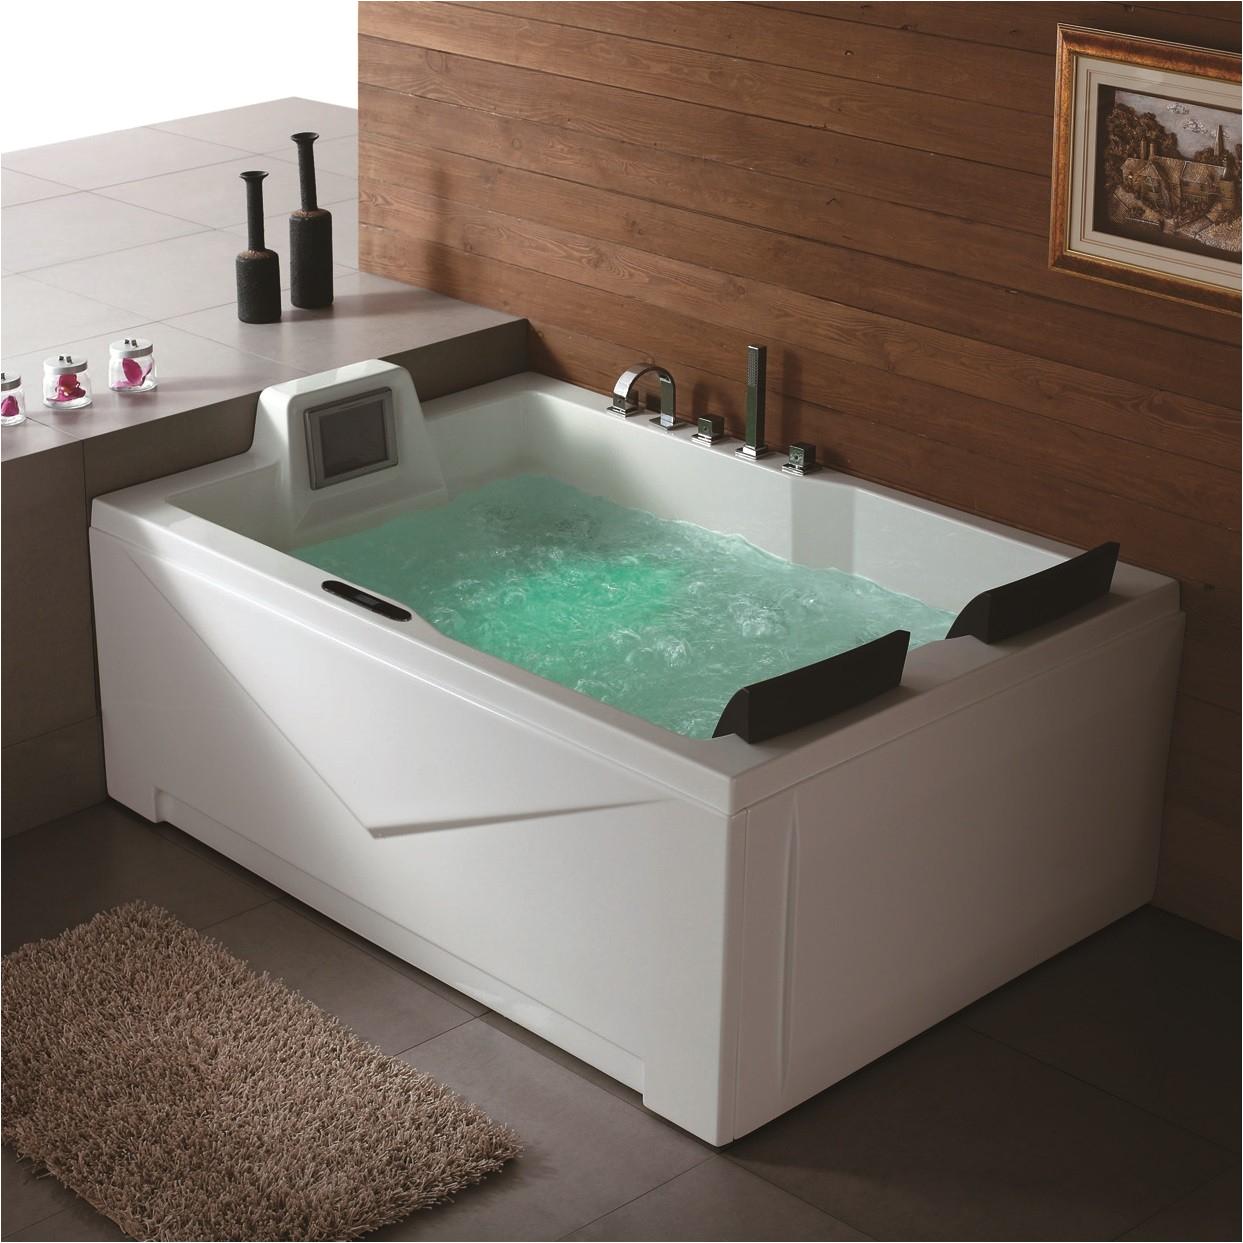 Which Bathtubs Luxury Putnam Luxury Massage Tub